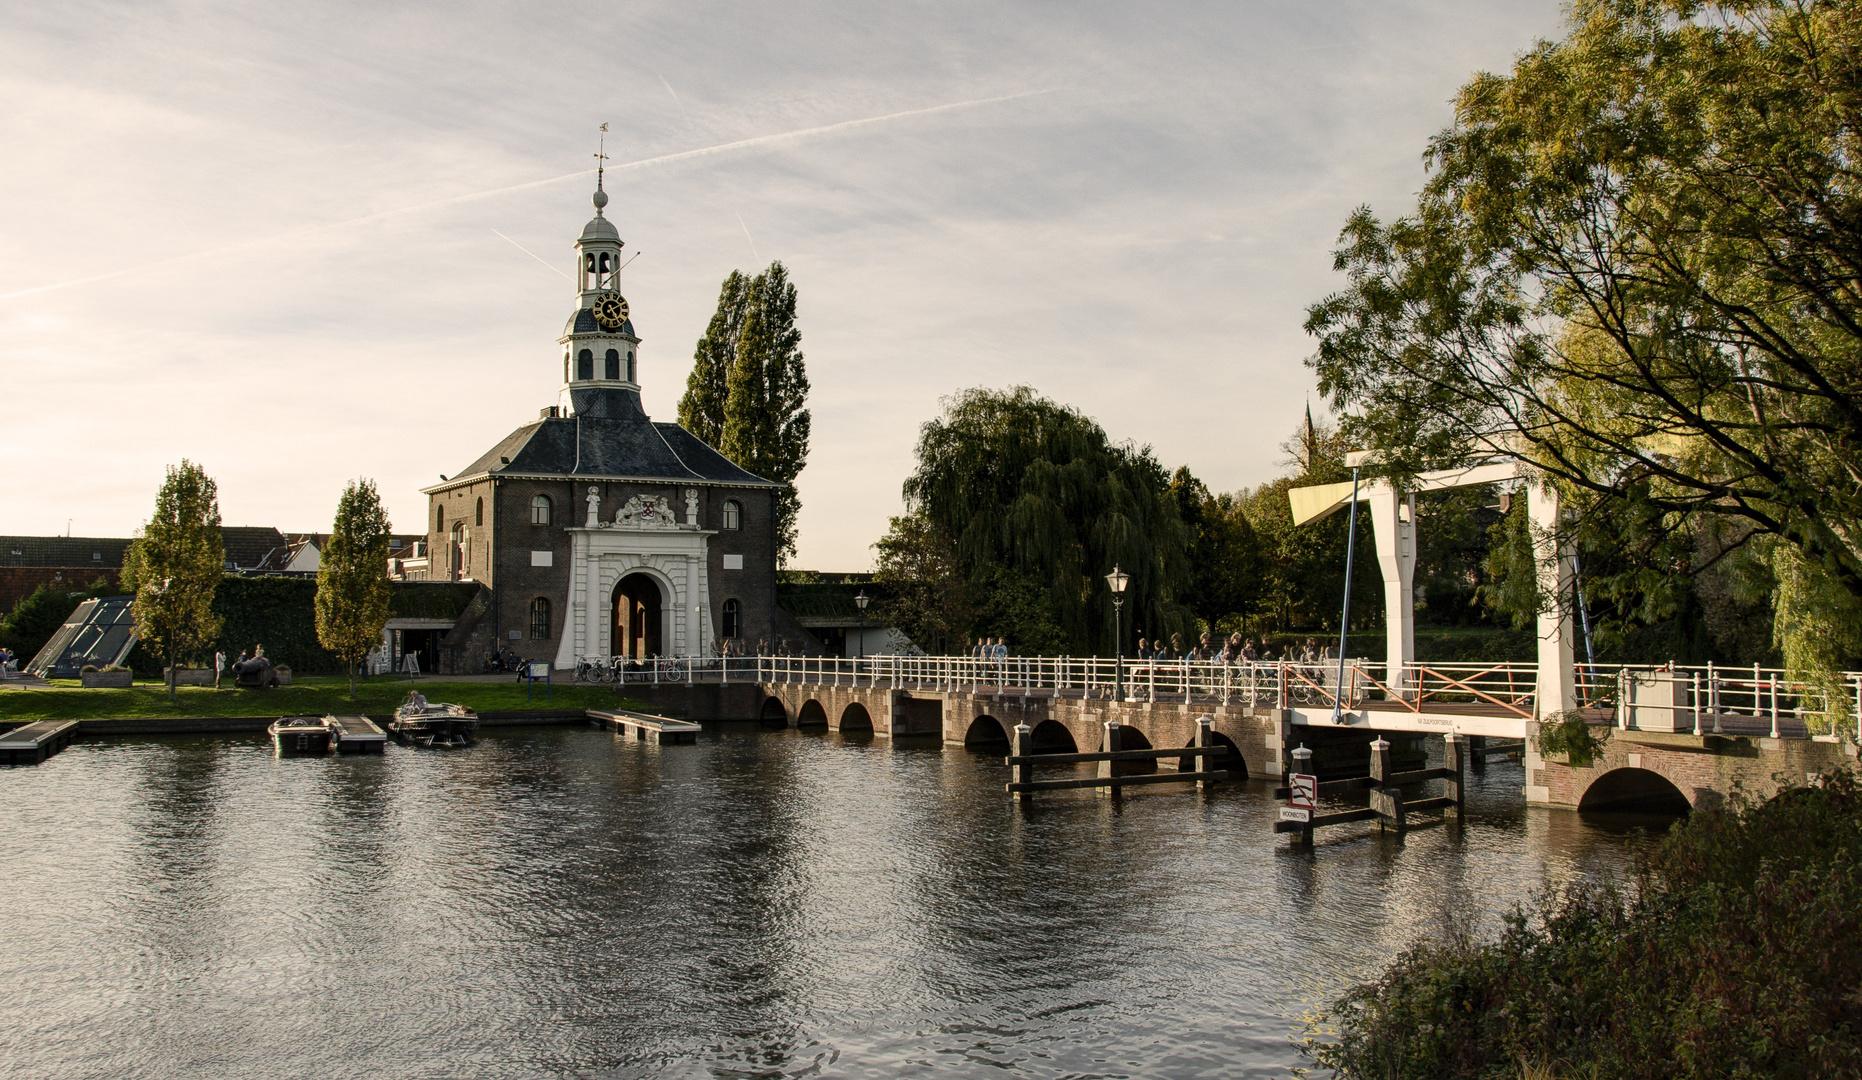 Leiden - Zijlpoort - Zijlpoortsbrug